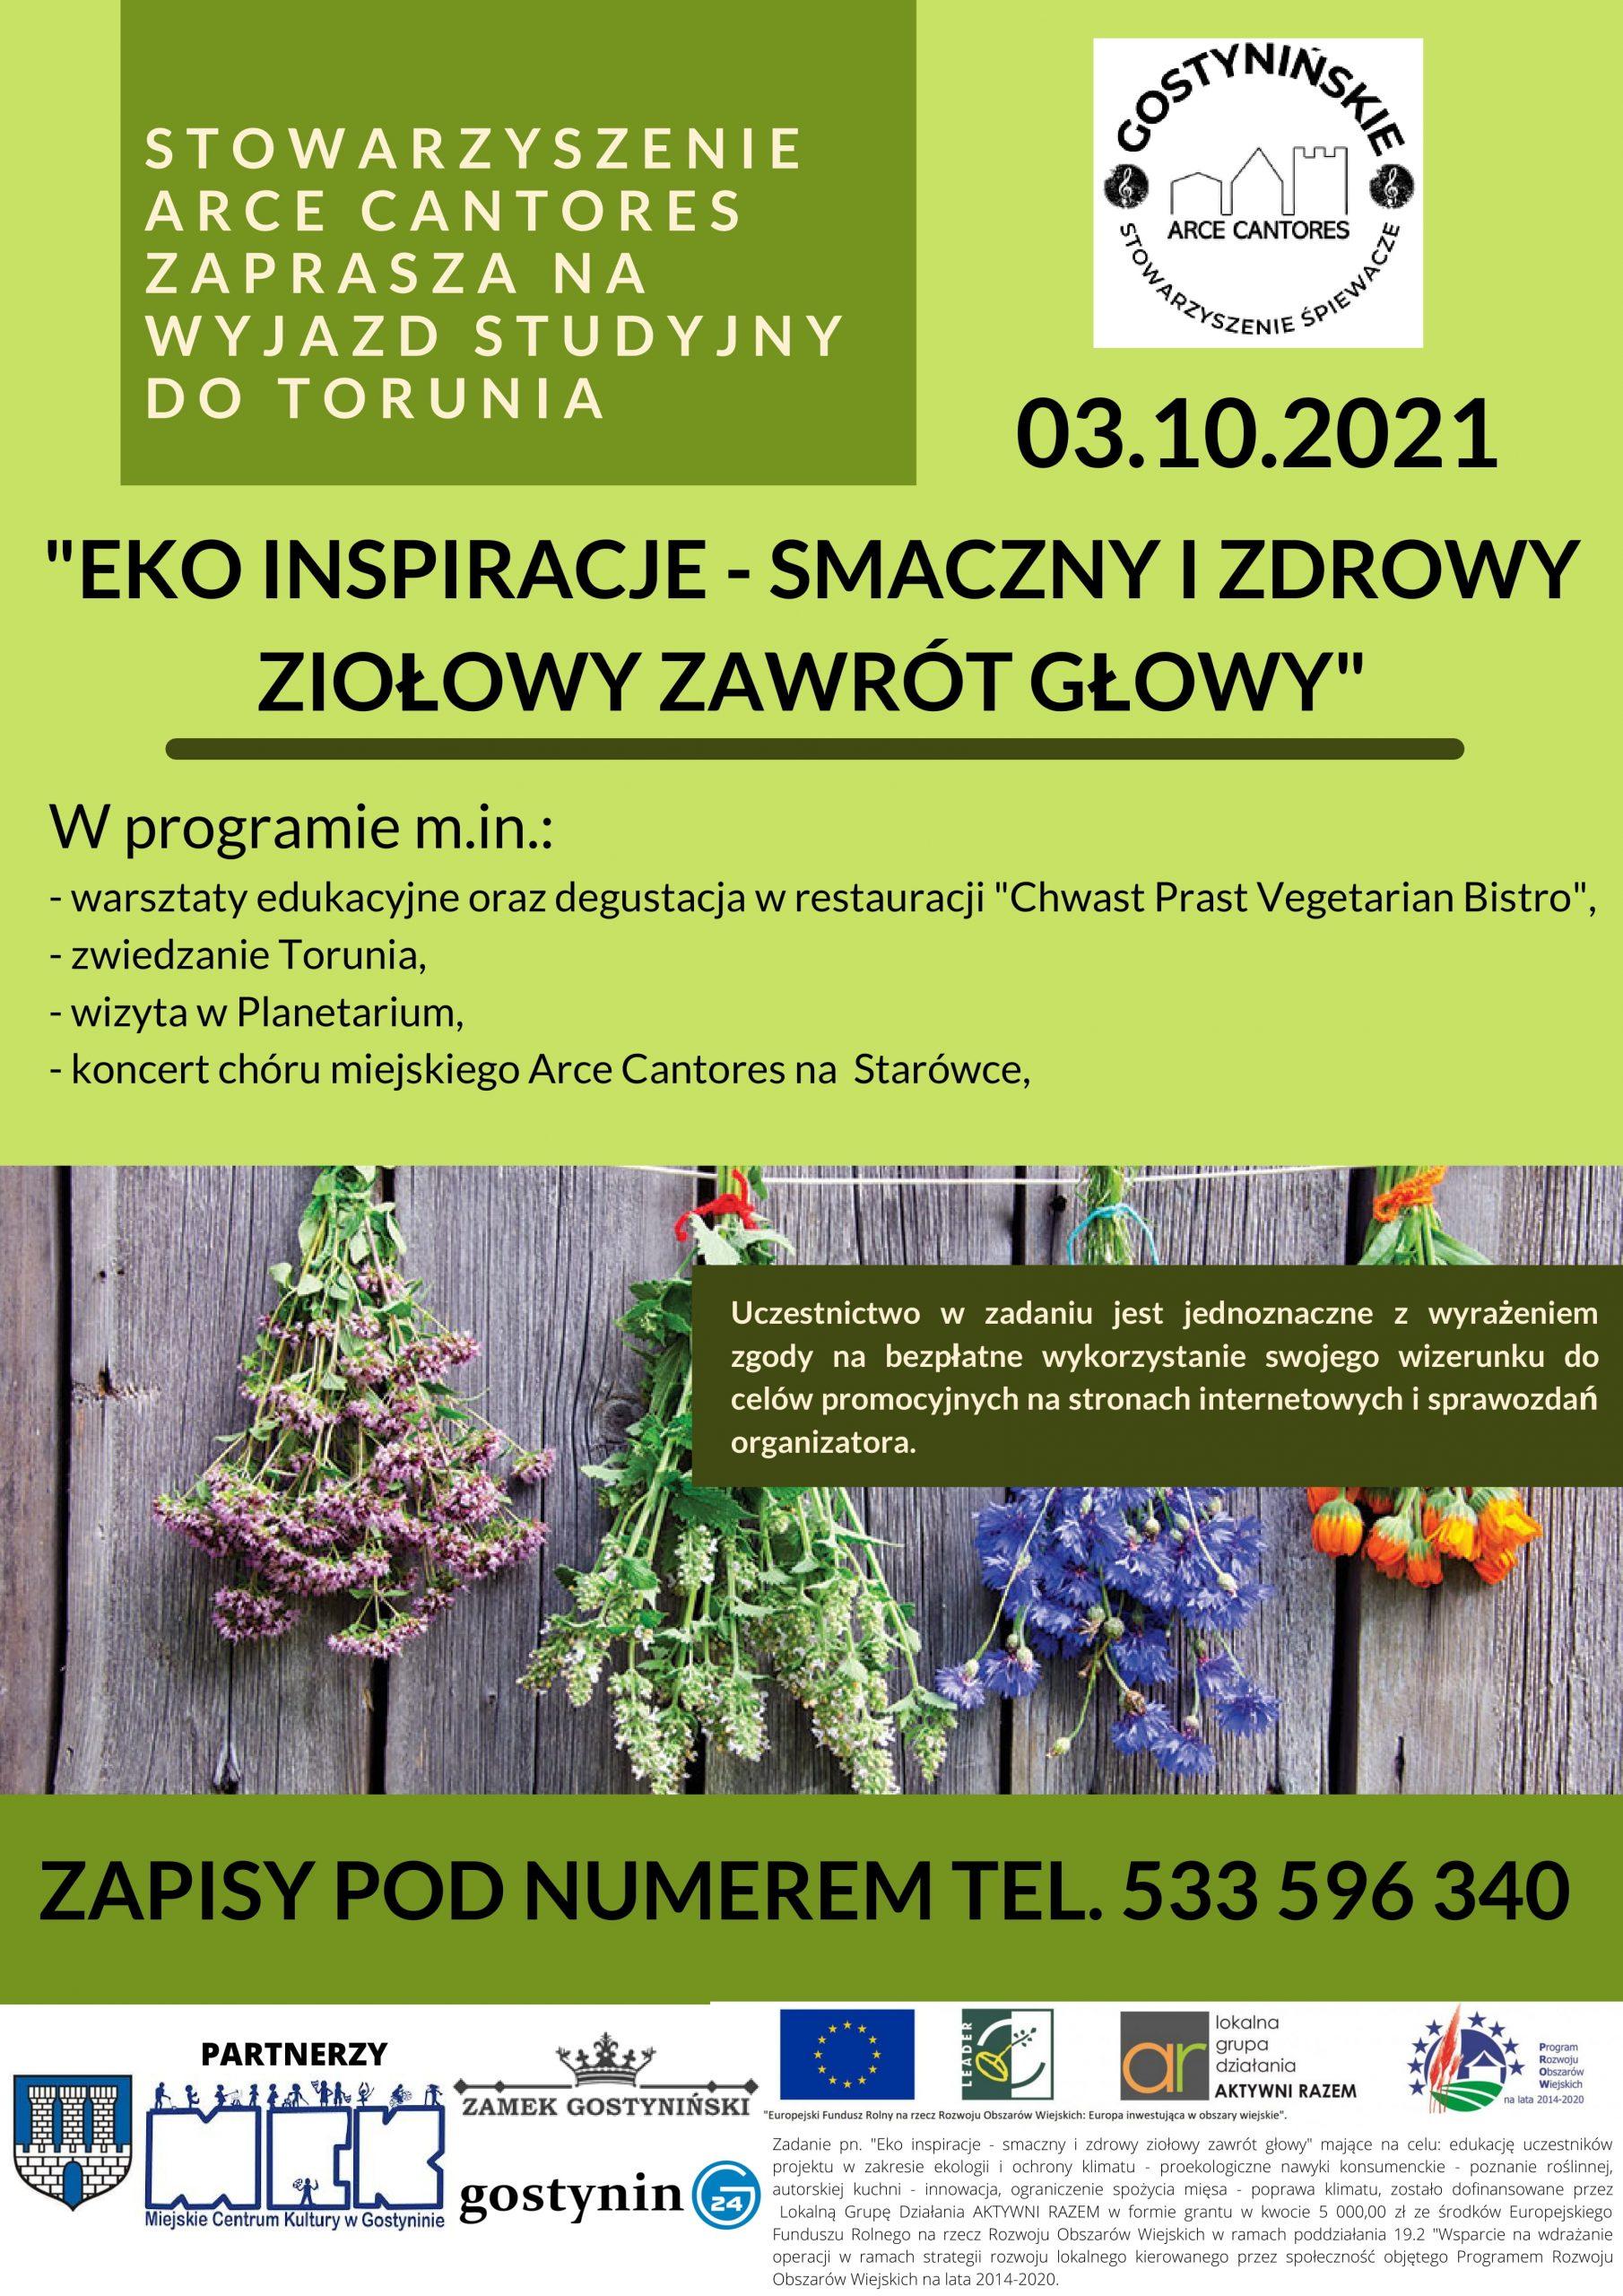 Eko inspiracje -smaczny i zdrowy ziołowy zawrót głowy